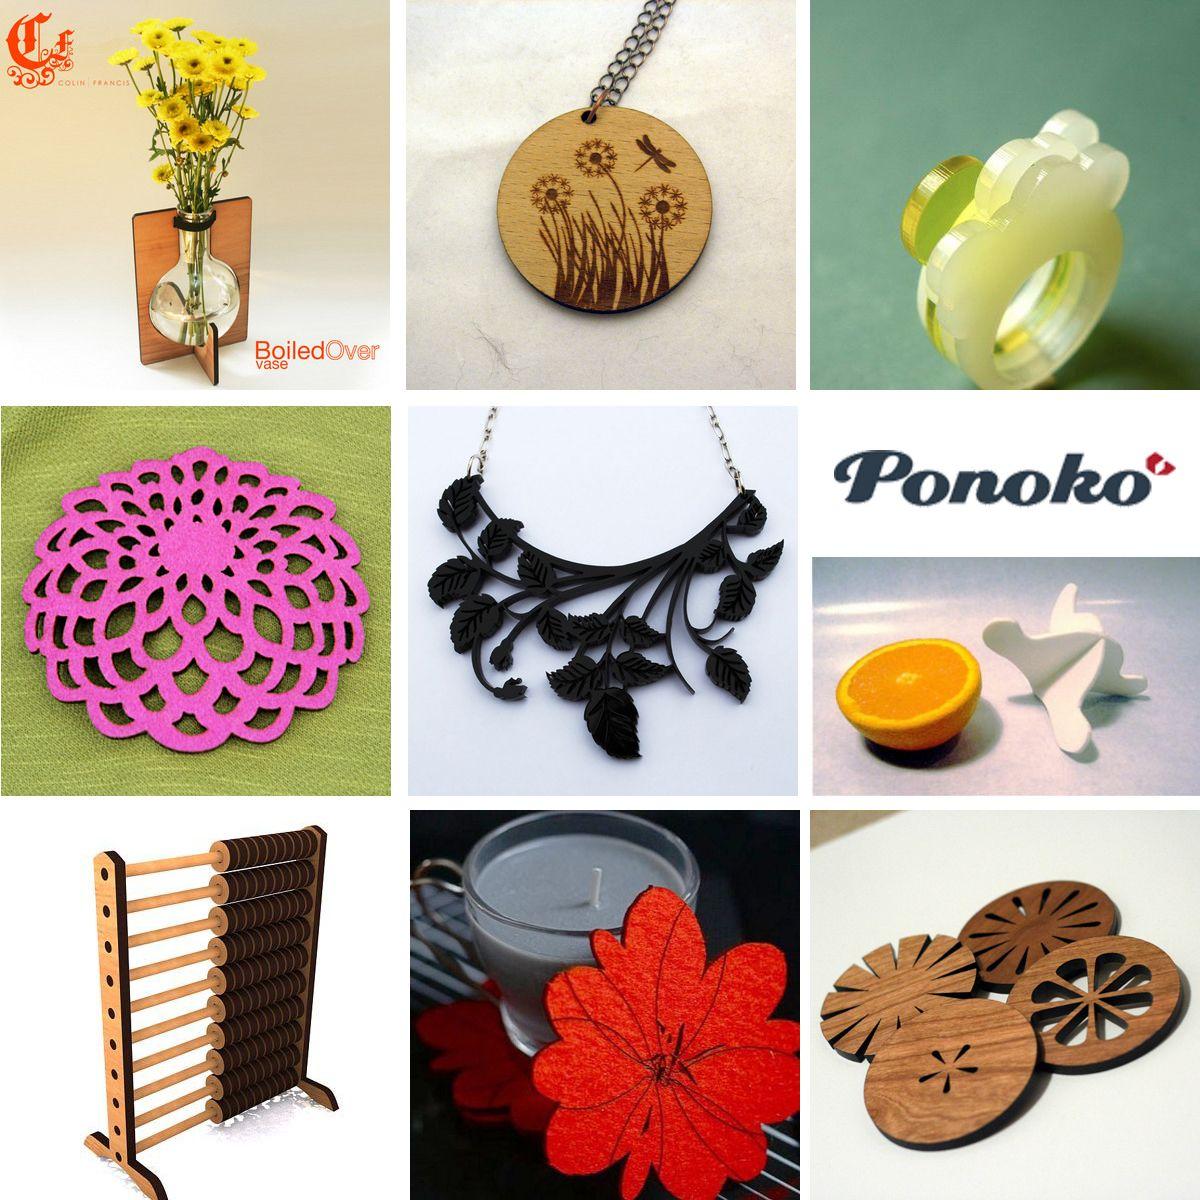 designer coasters Â« ponoko – blog  coasters  pinterest - designer coasters Â« ponoko – blog